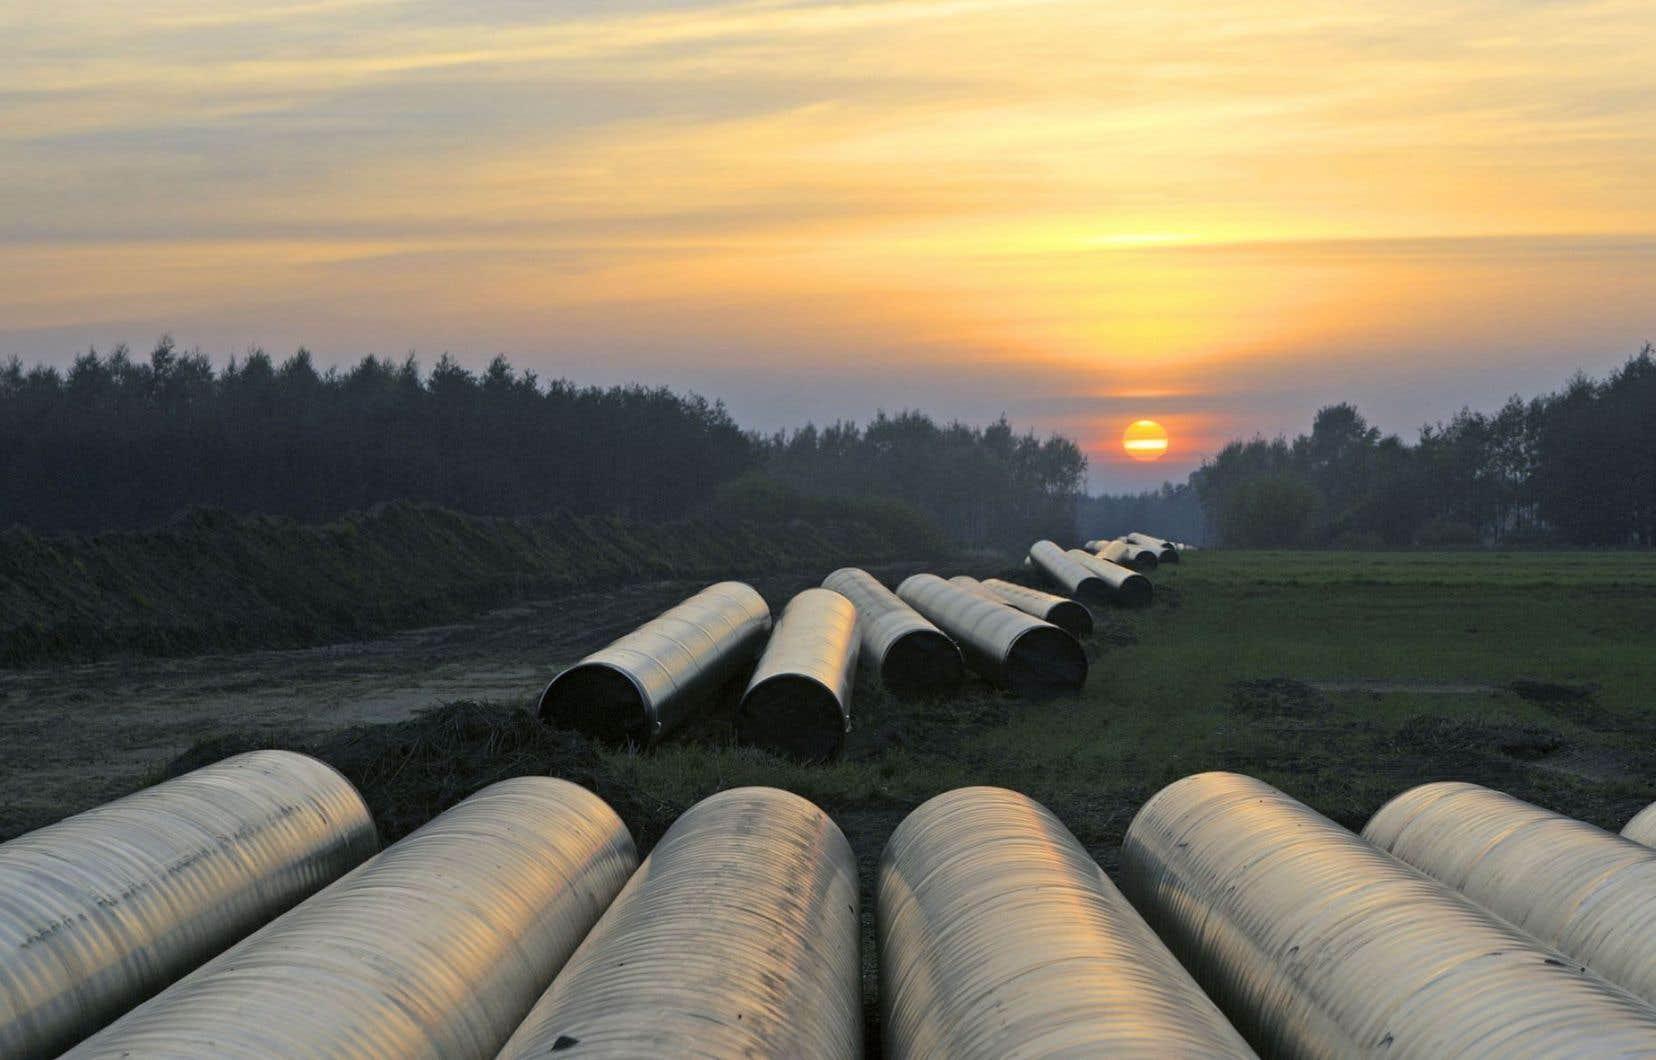 Si une entreprise veut construire un pipeline ou un gazoduc sur un terrain privé, elle pourra demander une expropriation de son propriétaire en cas de refus de ce dernier.